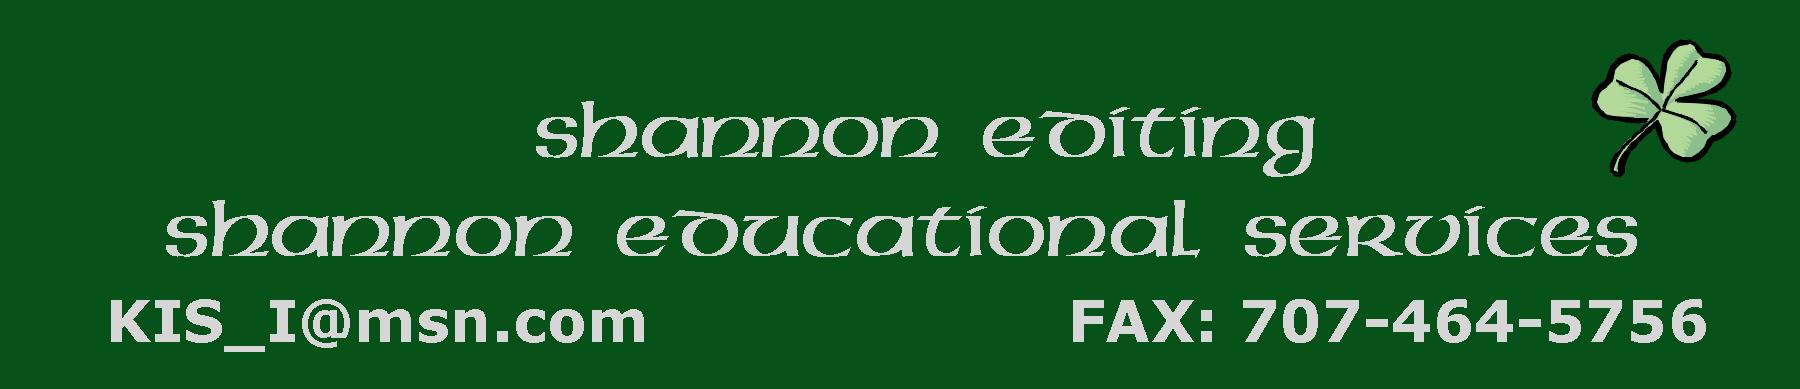 Shannon Logo Rev 010310jpg.jpg